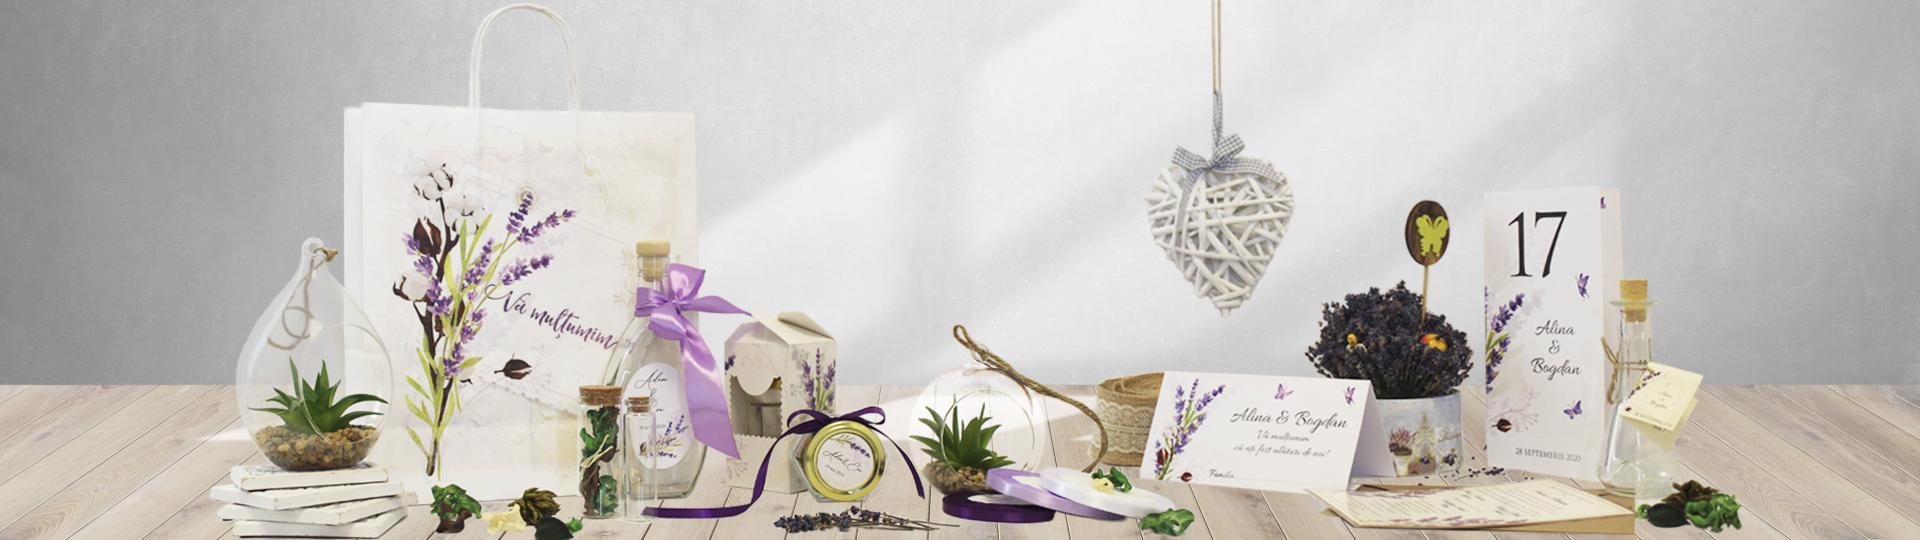 Banner lavanda